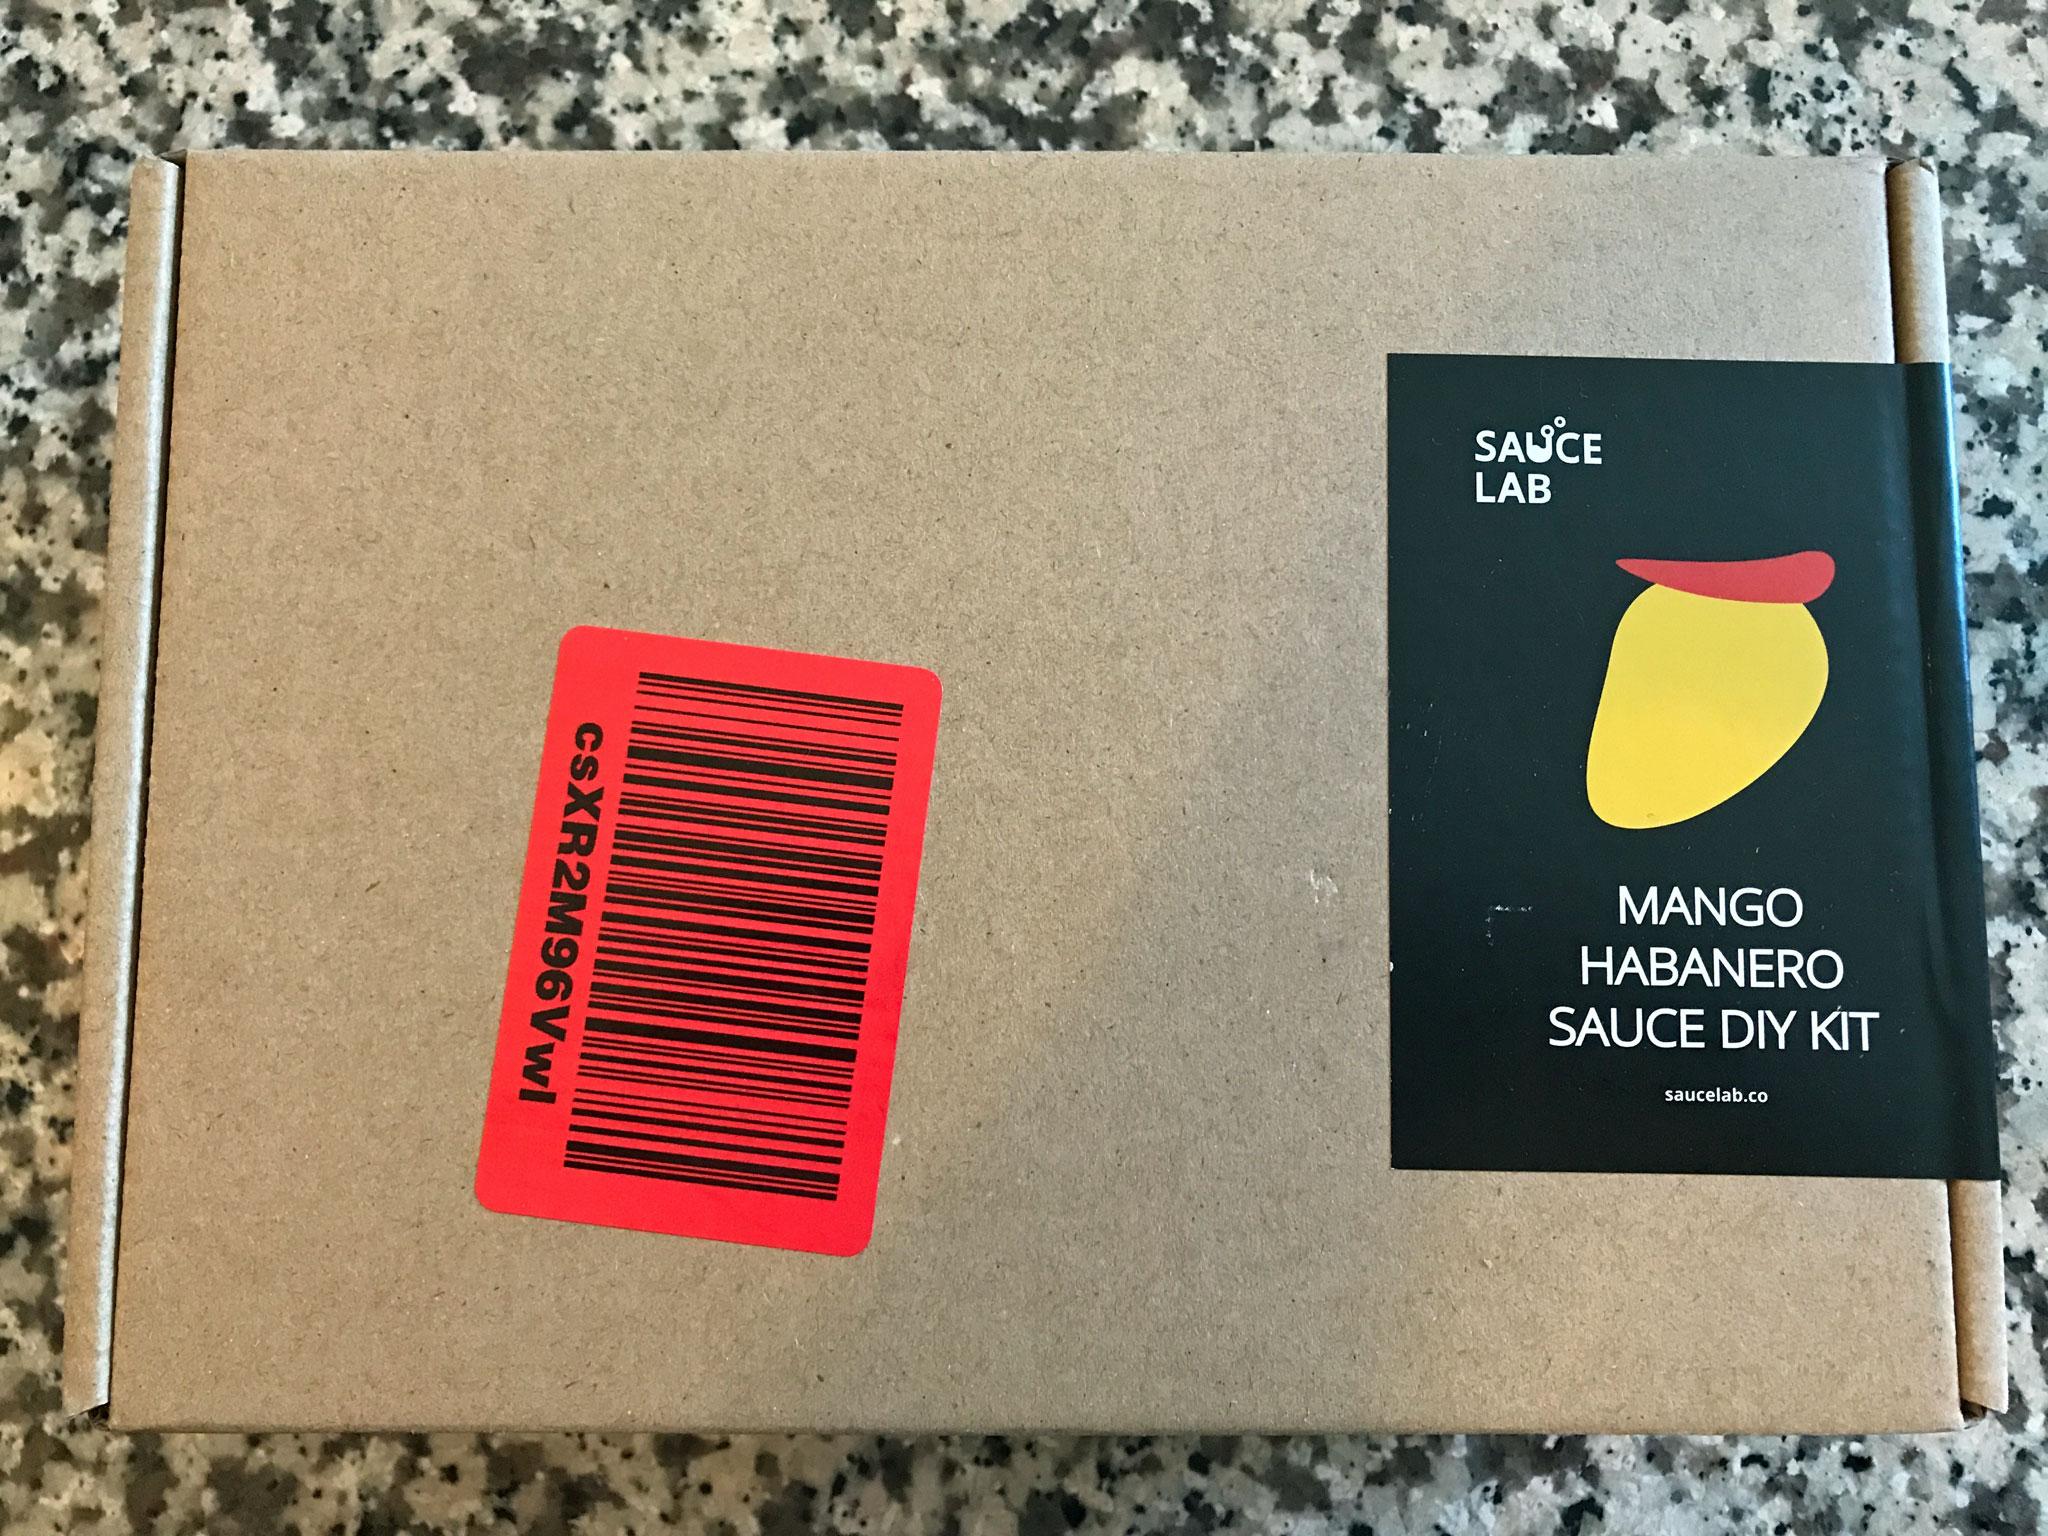 Sauce Lab Mango Habanero Kit